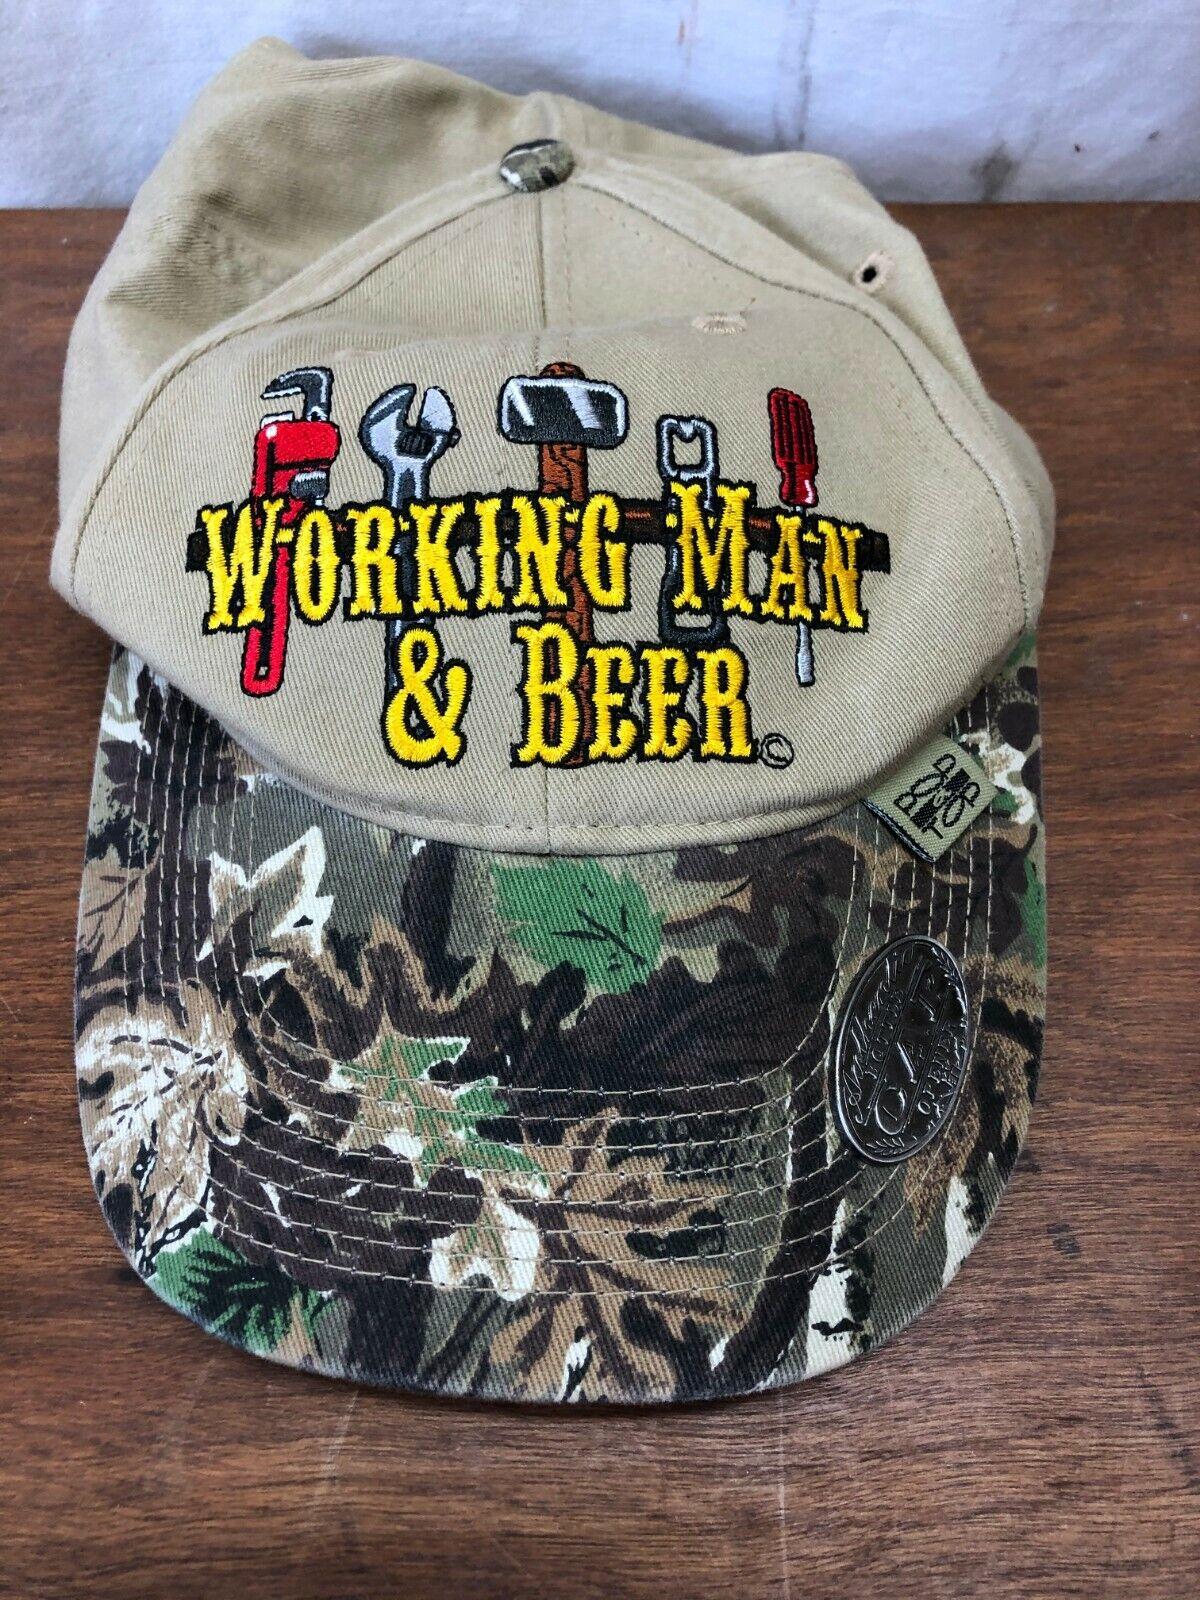 Arbeit Man & Bier Verstellbare Kappe Hut Mit Flaschenöffner Auf Bill Von Der